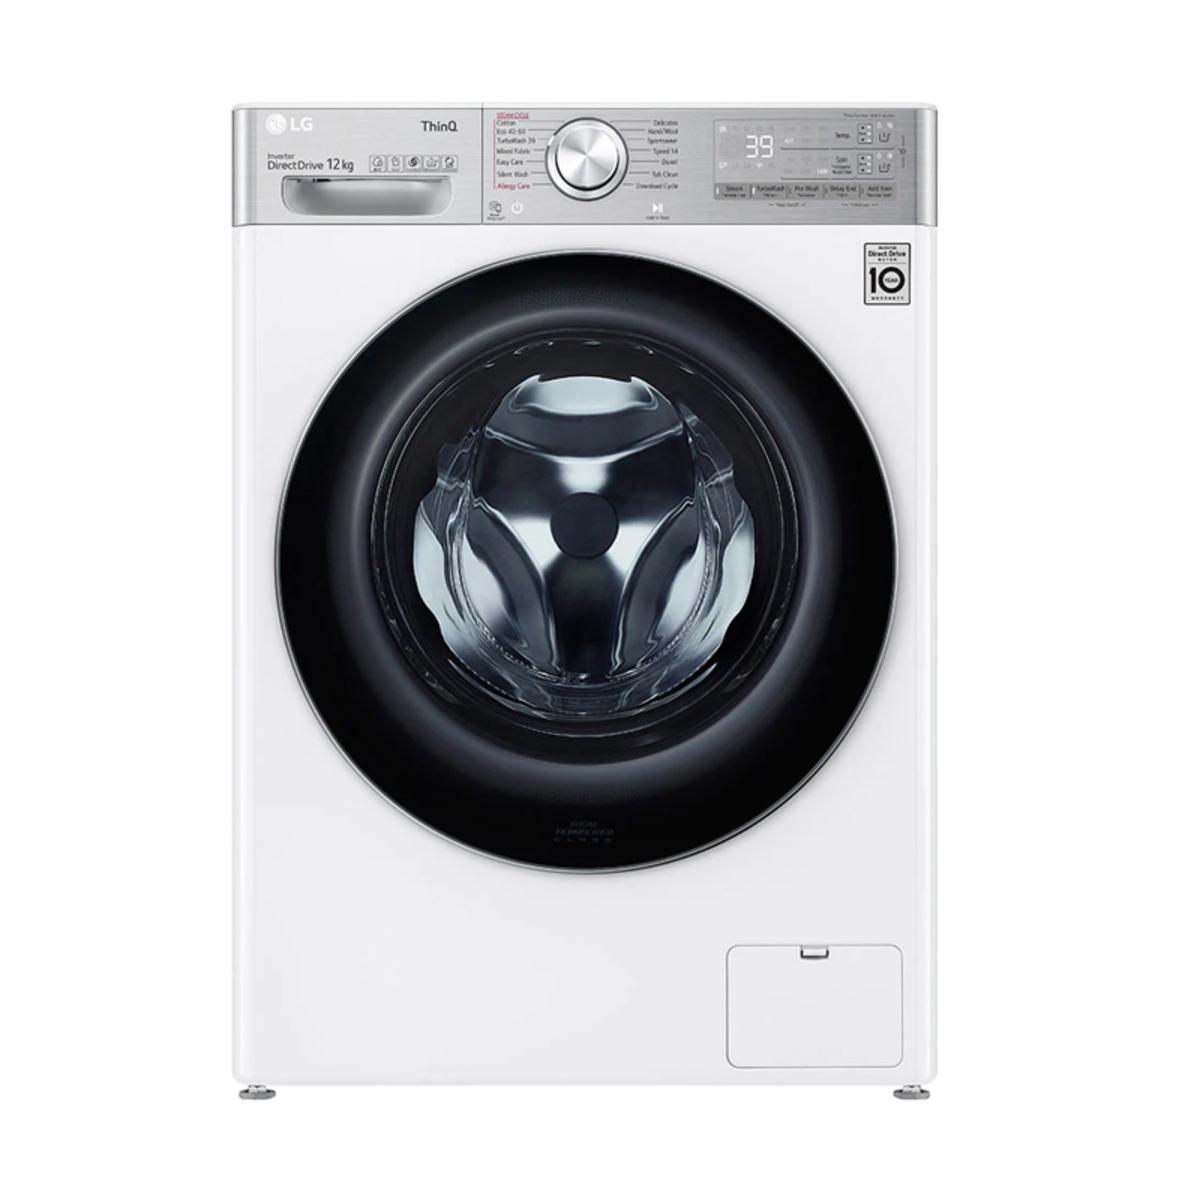 LG F4V712WTSE 12kg / 1400 RPM Washing Machine, White